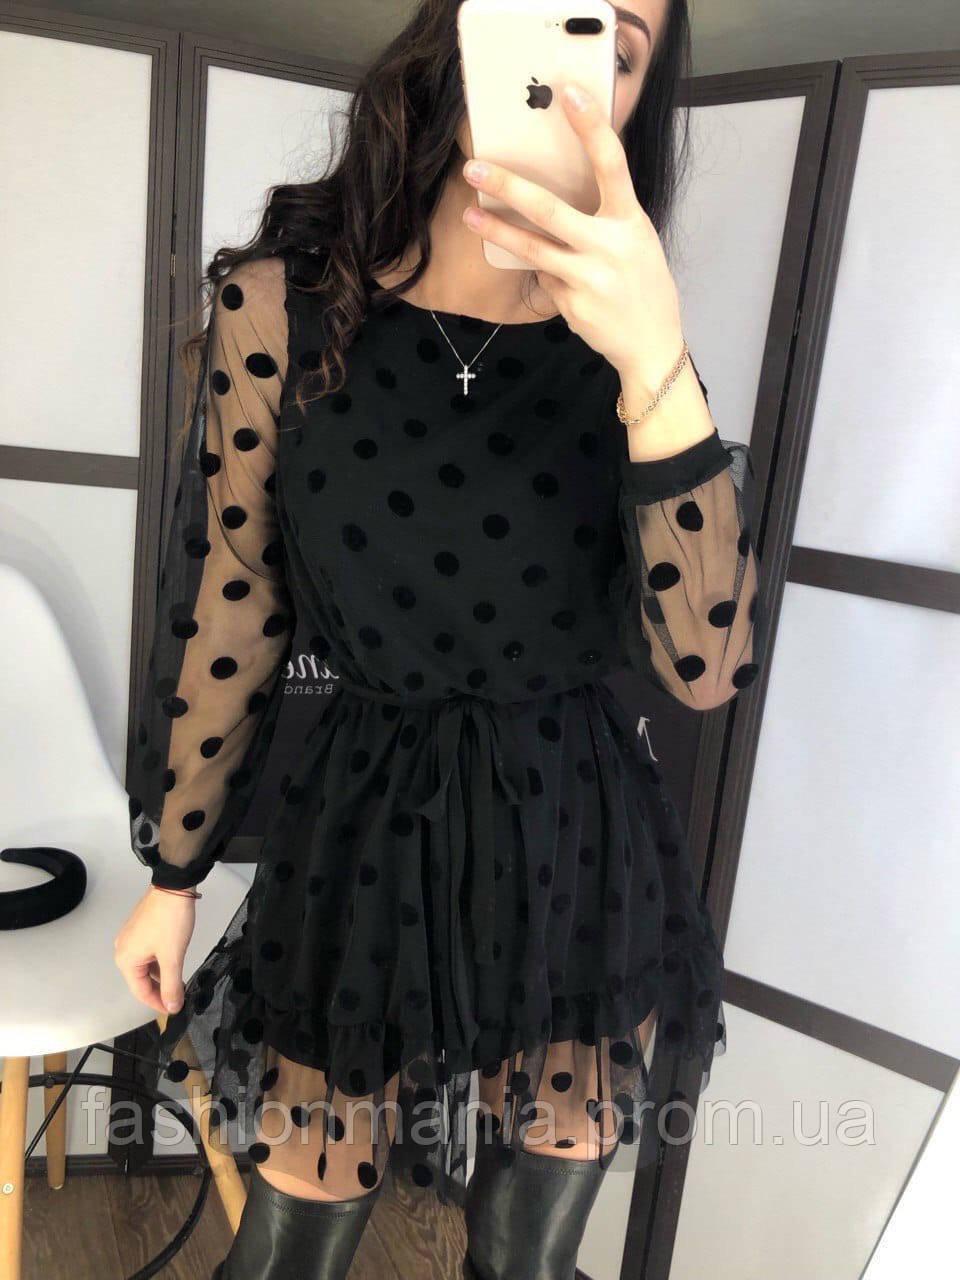 Платье женское в сеточку чёрное 42-44,44-46